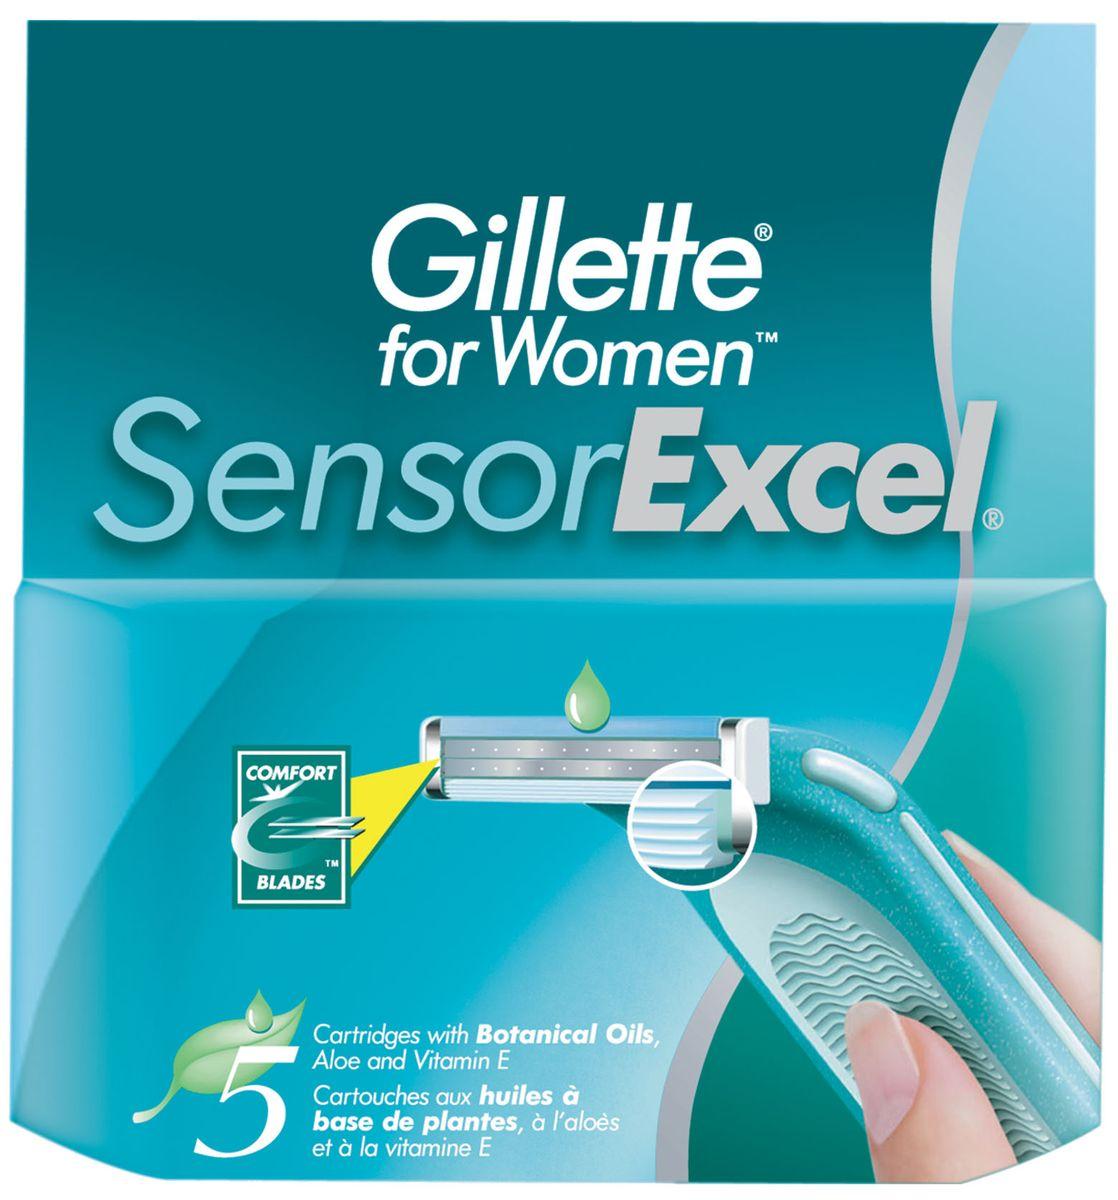 Sensor Excel Cменные кассеты для бритья , 5 шт.SNS-81237164Бритвенные кассеты для Gillette Sensor Excel содержат 2 последовательно расположенных хромированных лезвия, 5 микрогребней для гладкого бритья и смазывающую полоску алоэ-вера. Сменные кассеты с двумя лезвиями для чистого и комфортного бритья по доступной цене. Срок хранения – 5 лет. Страна производства – Польша.